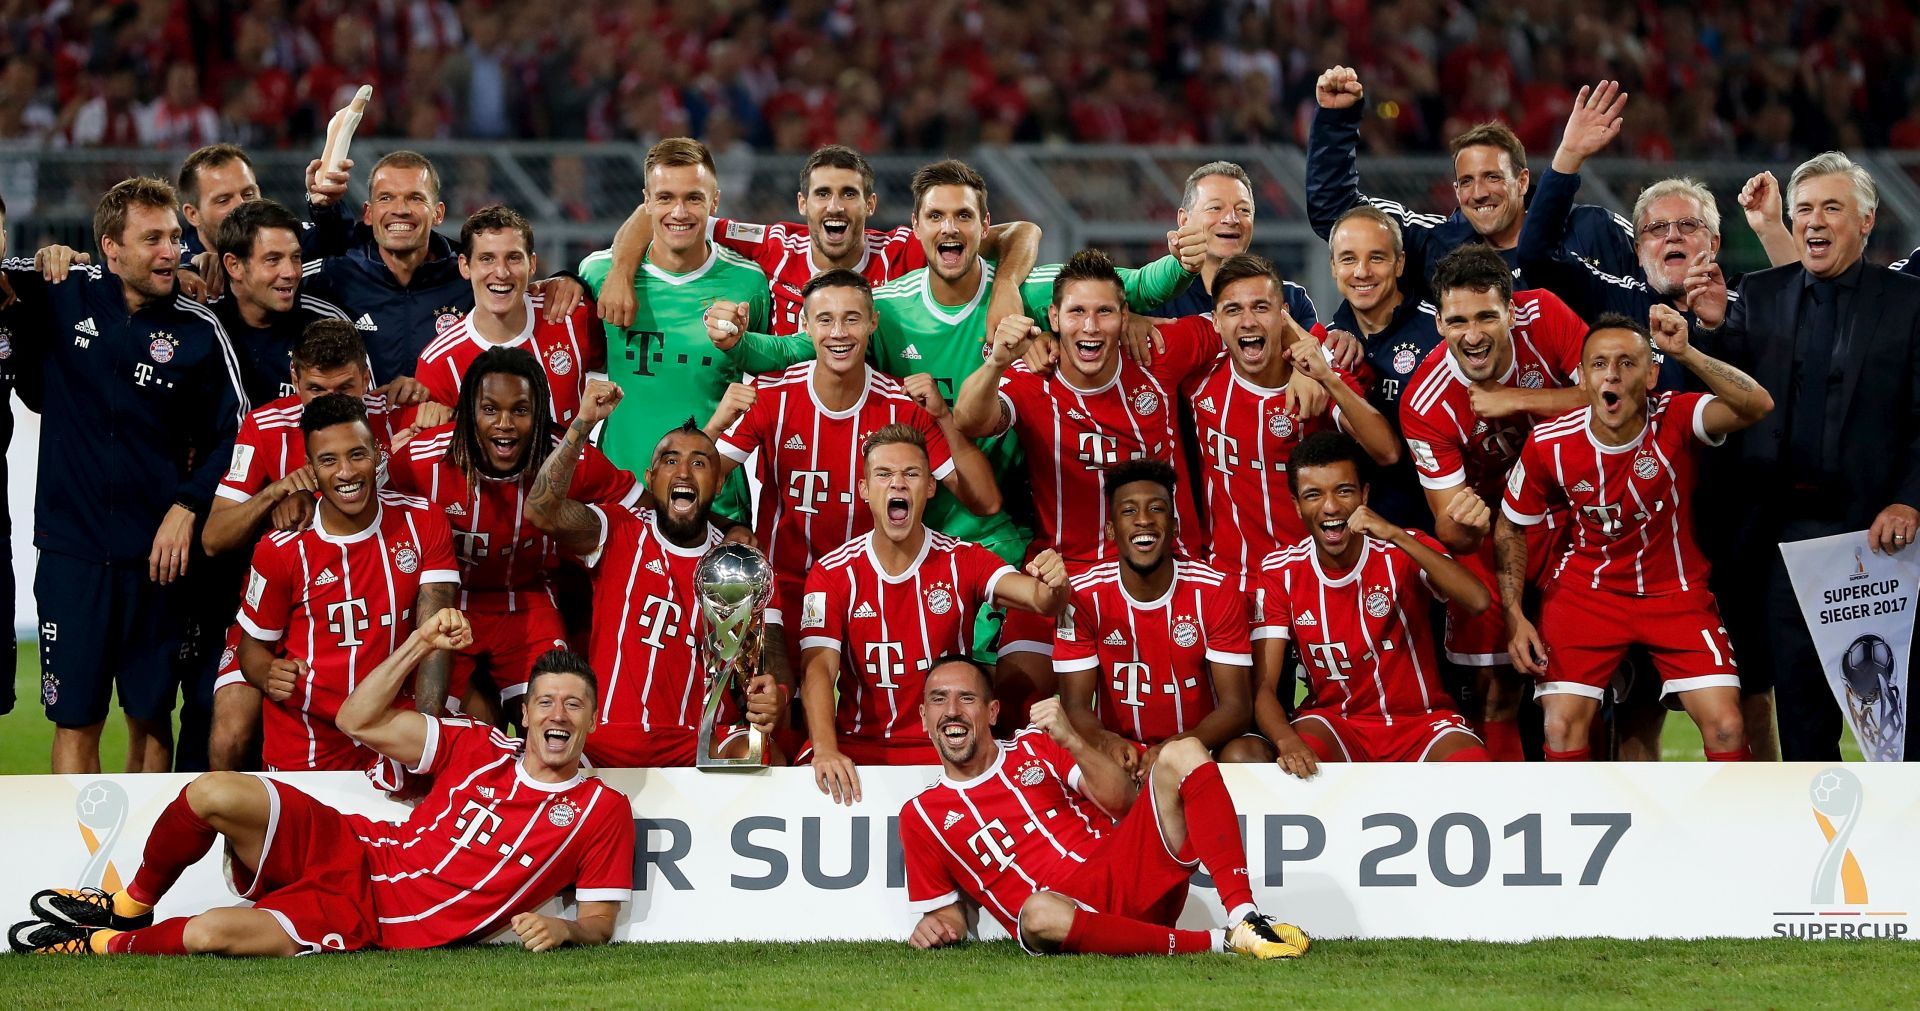 NAKON PENALA Bayernu njemački Superkup